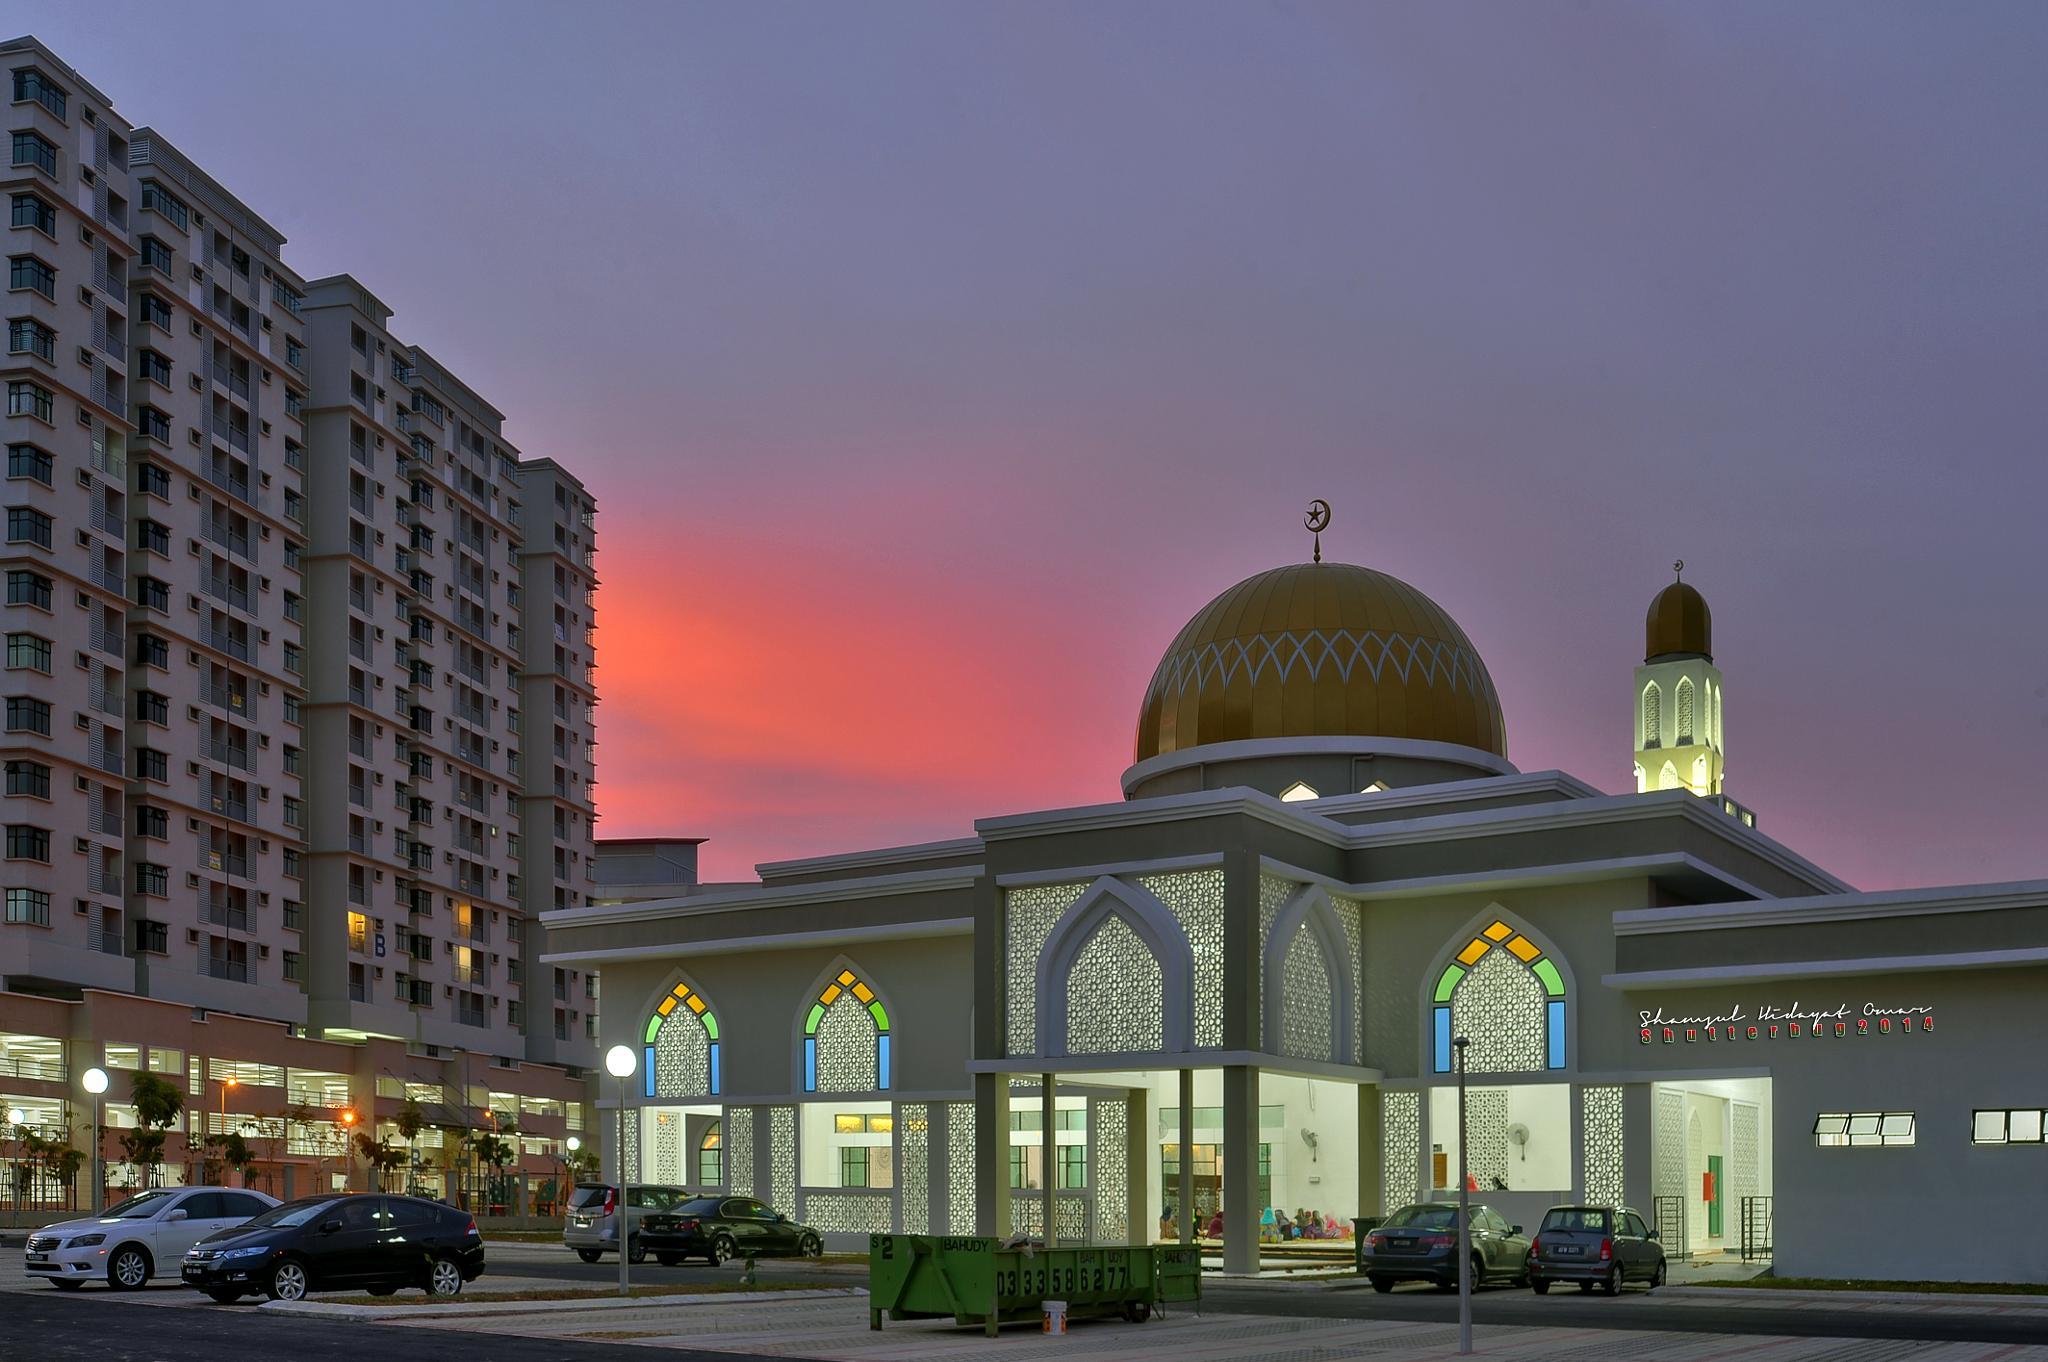 Masjid Seksyen 7 Shah Alam by ShamsulHidayatOmar